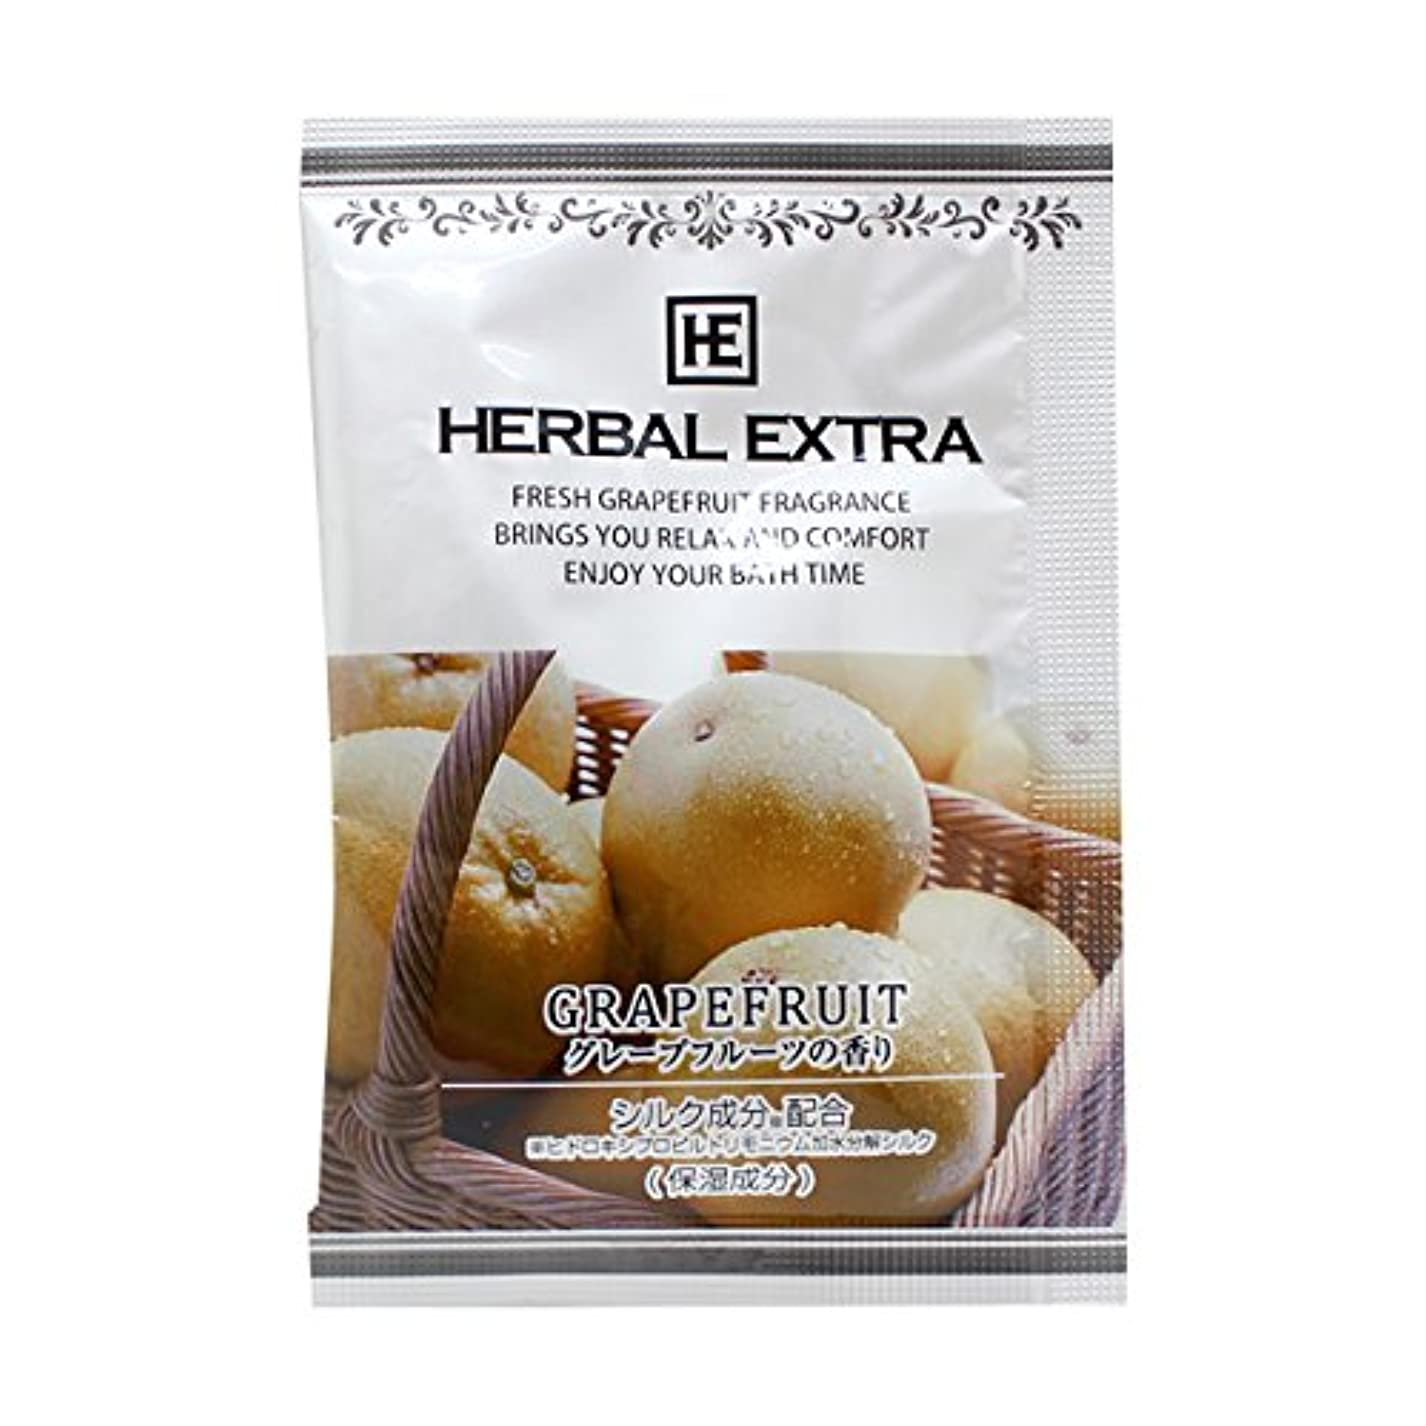 収益地域曖昧な入浴剤 ハーバルエクストラ「グレープフルーツの香り」30個